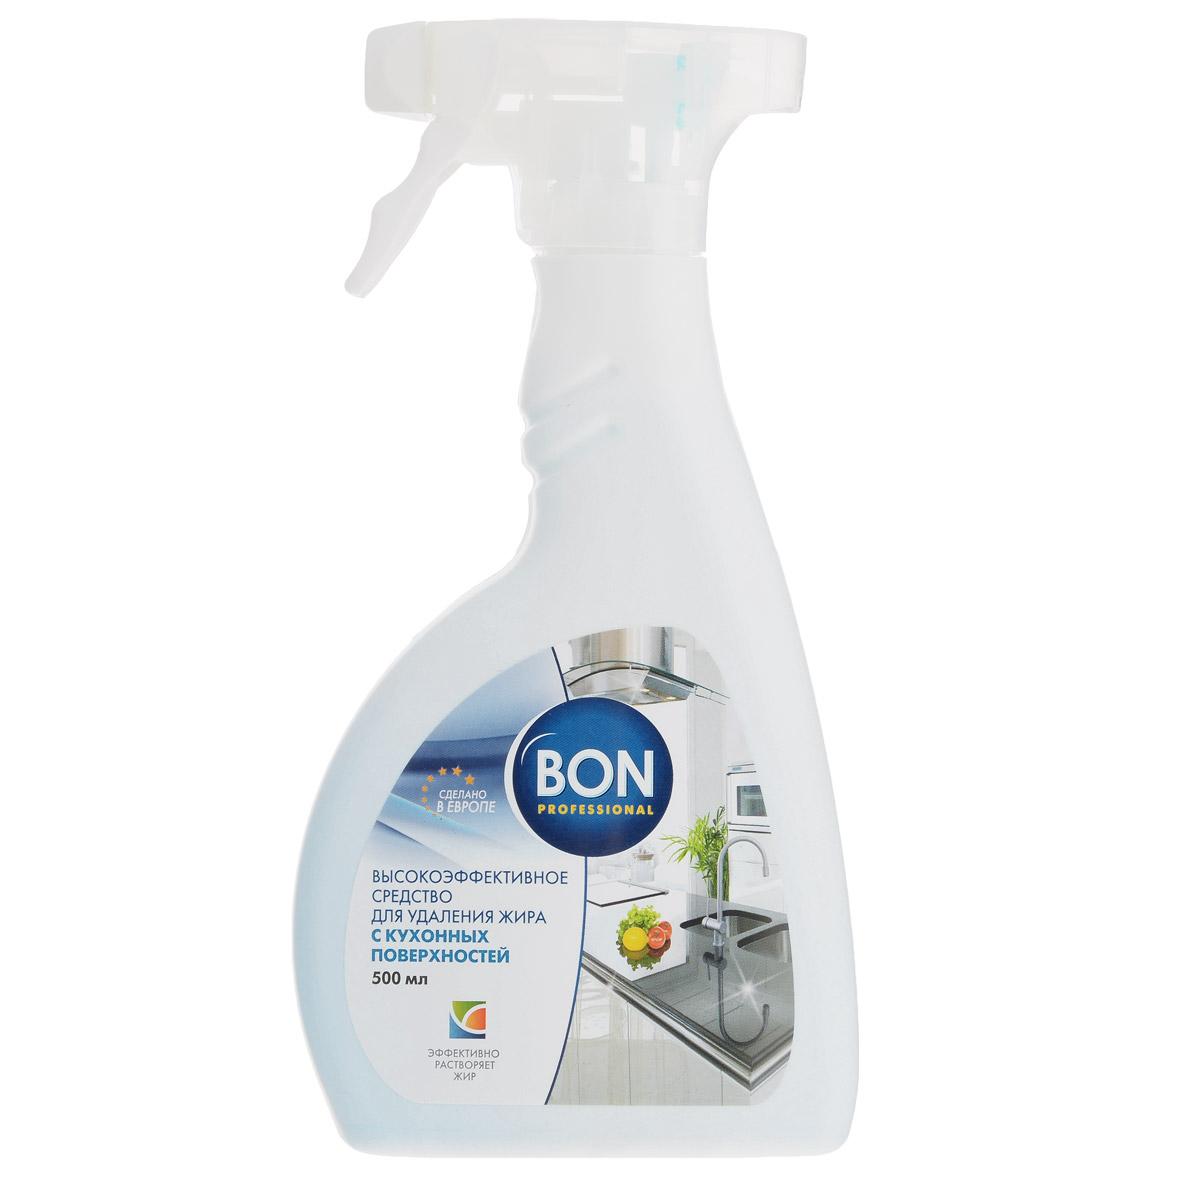 Чистящее средство для кухонных поверхностей Bon, 500 мл жидкость для удаления жира с кухонных поверхностей мистер чистер 500 мл